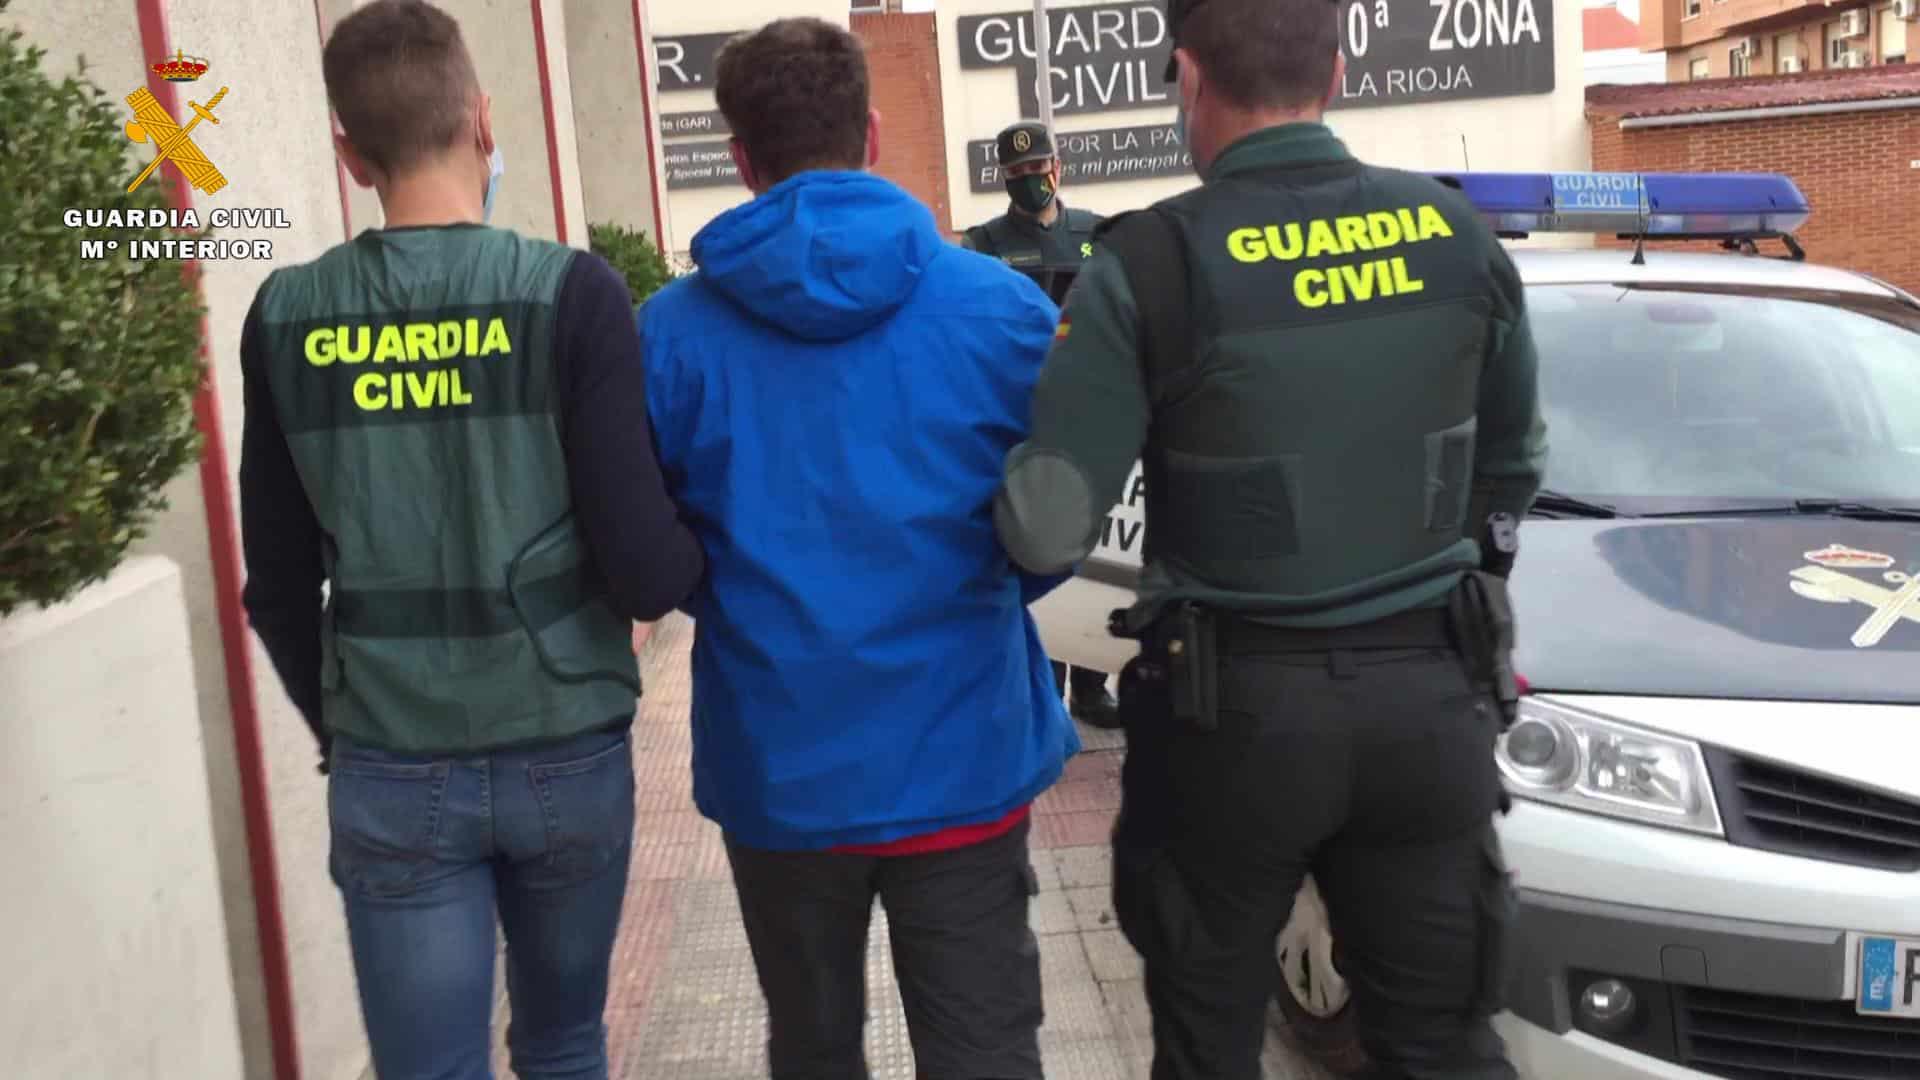 La Guardia Civil detiene al presunto autor del robo de varios contenedores en La Rioja 5